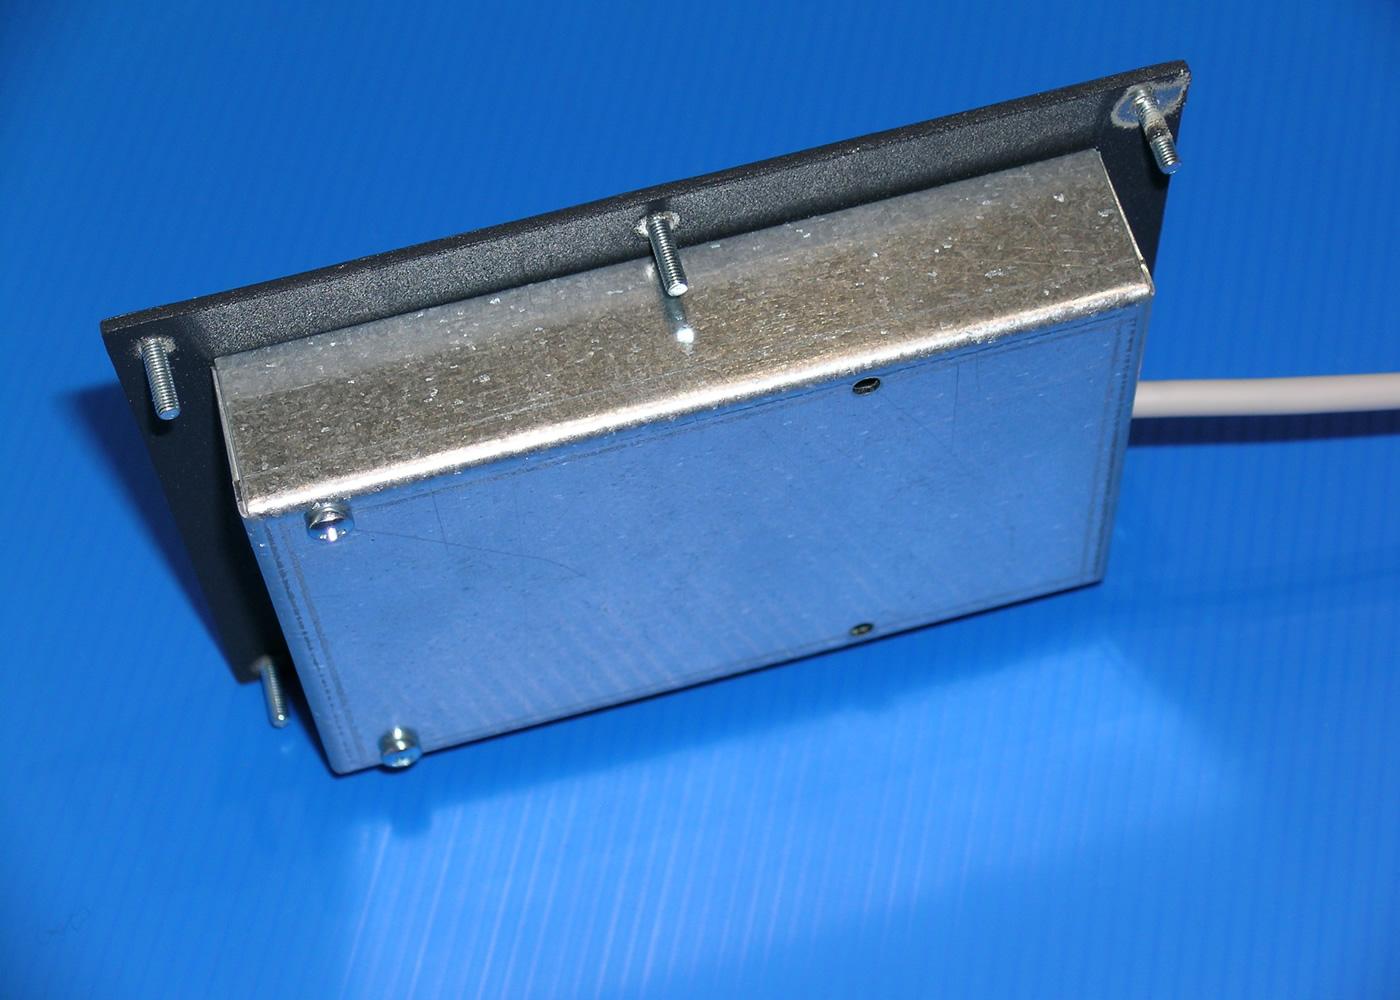 Trackball 38mm industrielle intégrable en panneau par l'avant – Vue arrière